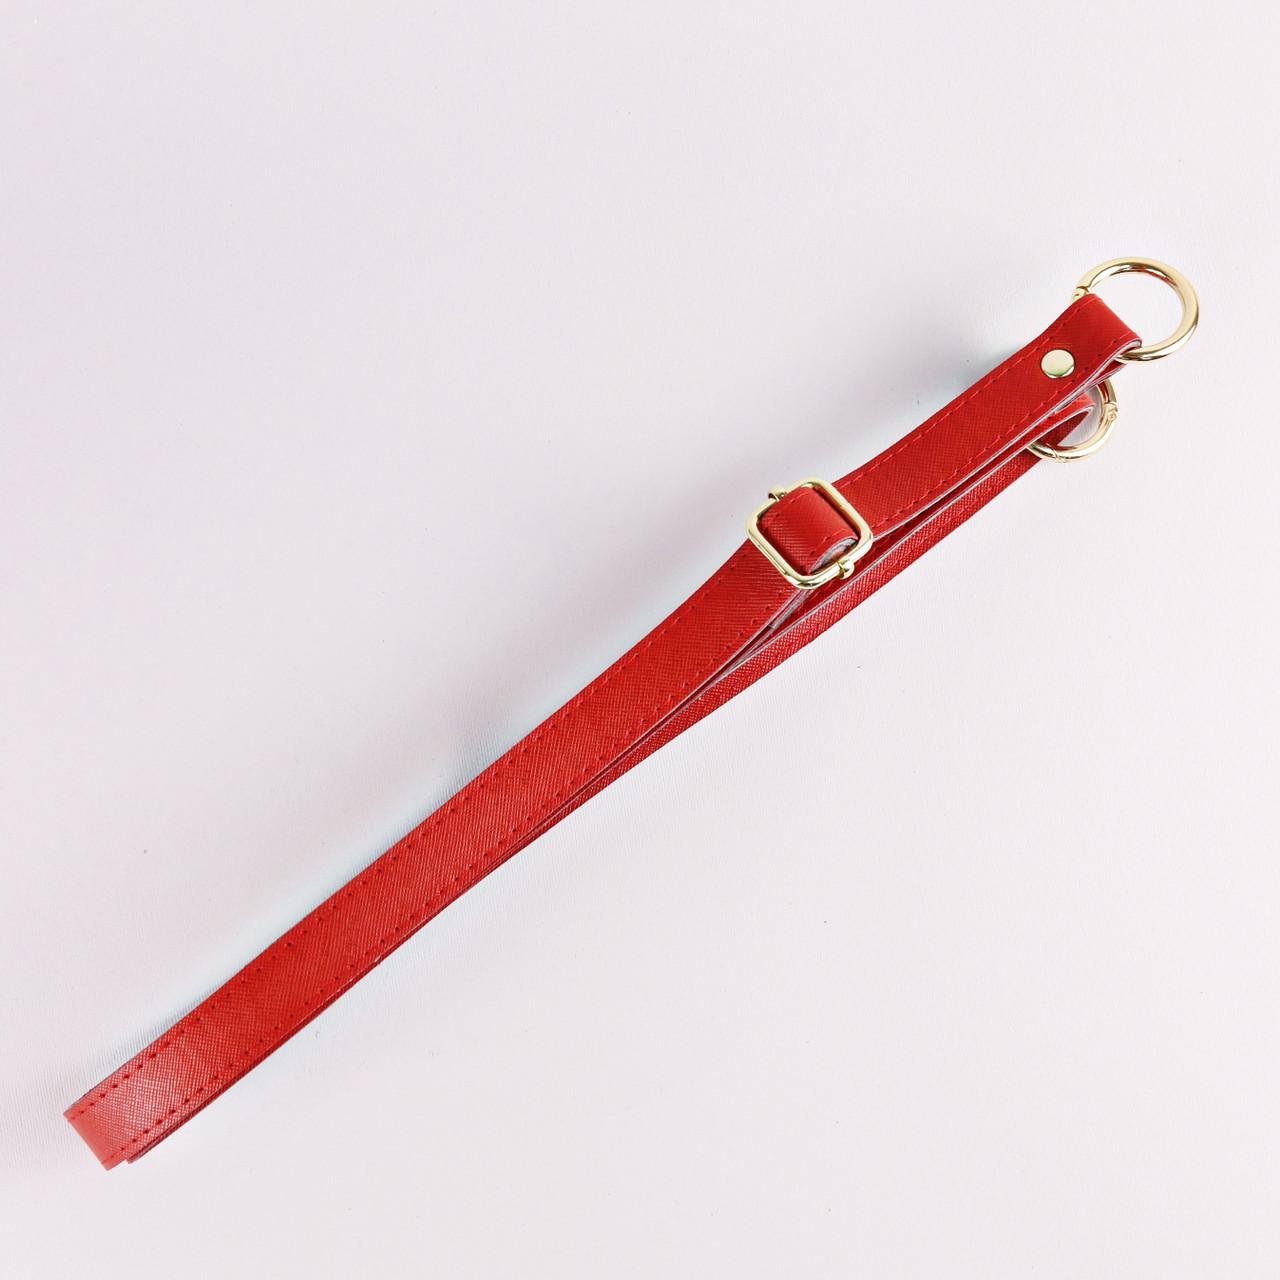 Ручка для сумки экокожа Красная, золото 68-126 см, на кольцах-карабинах